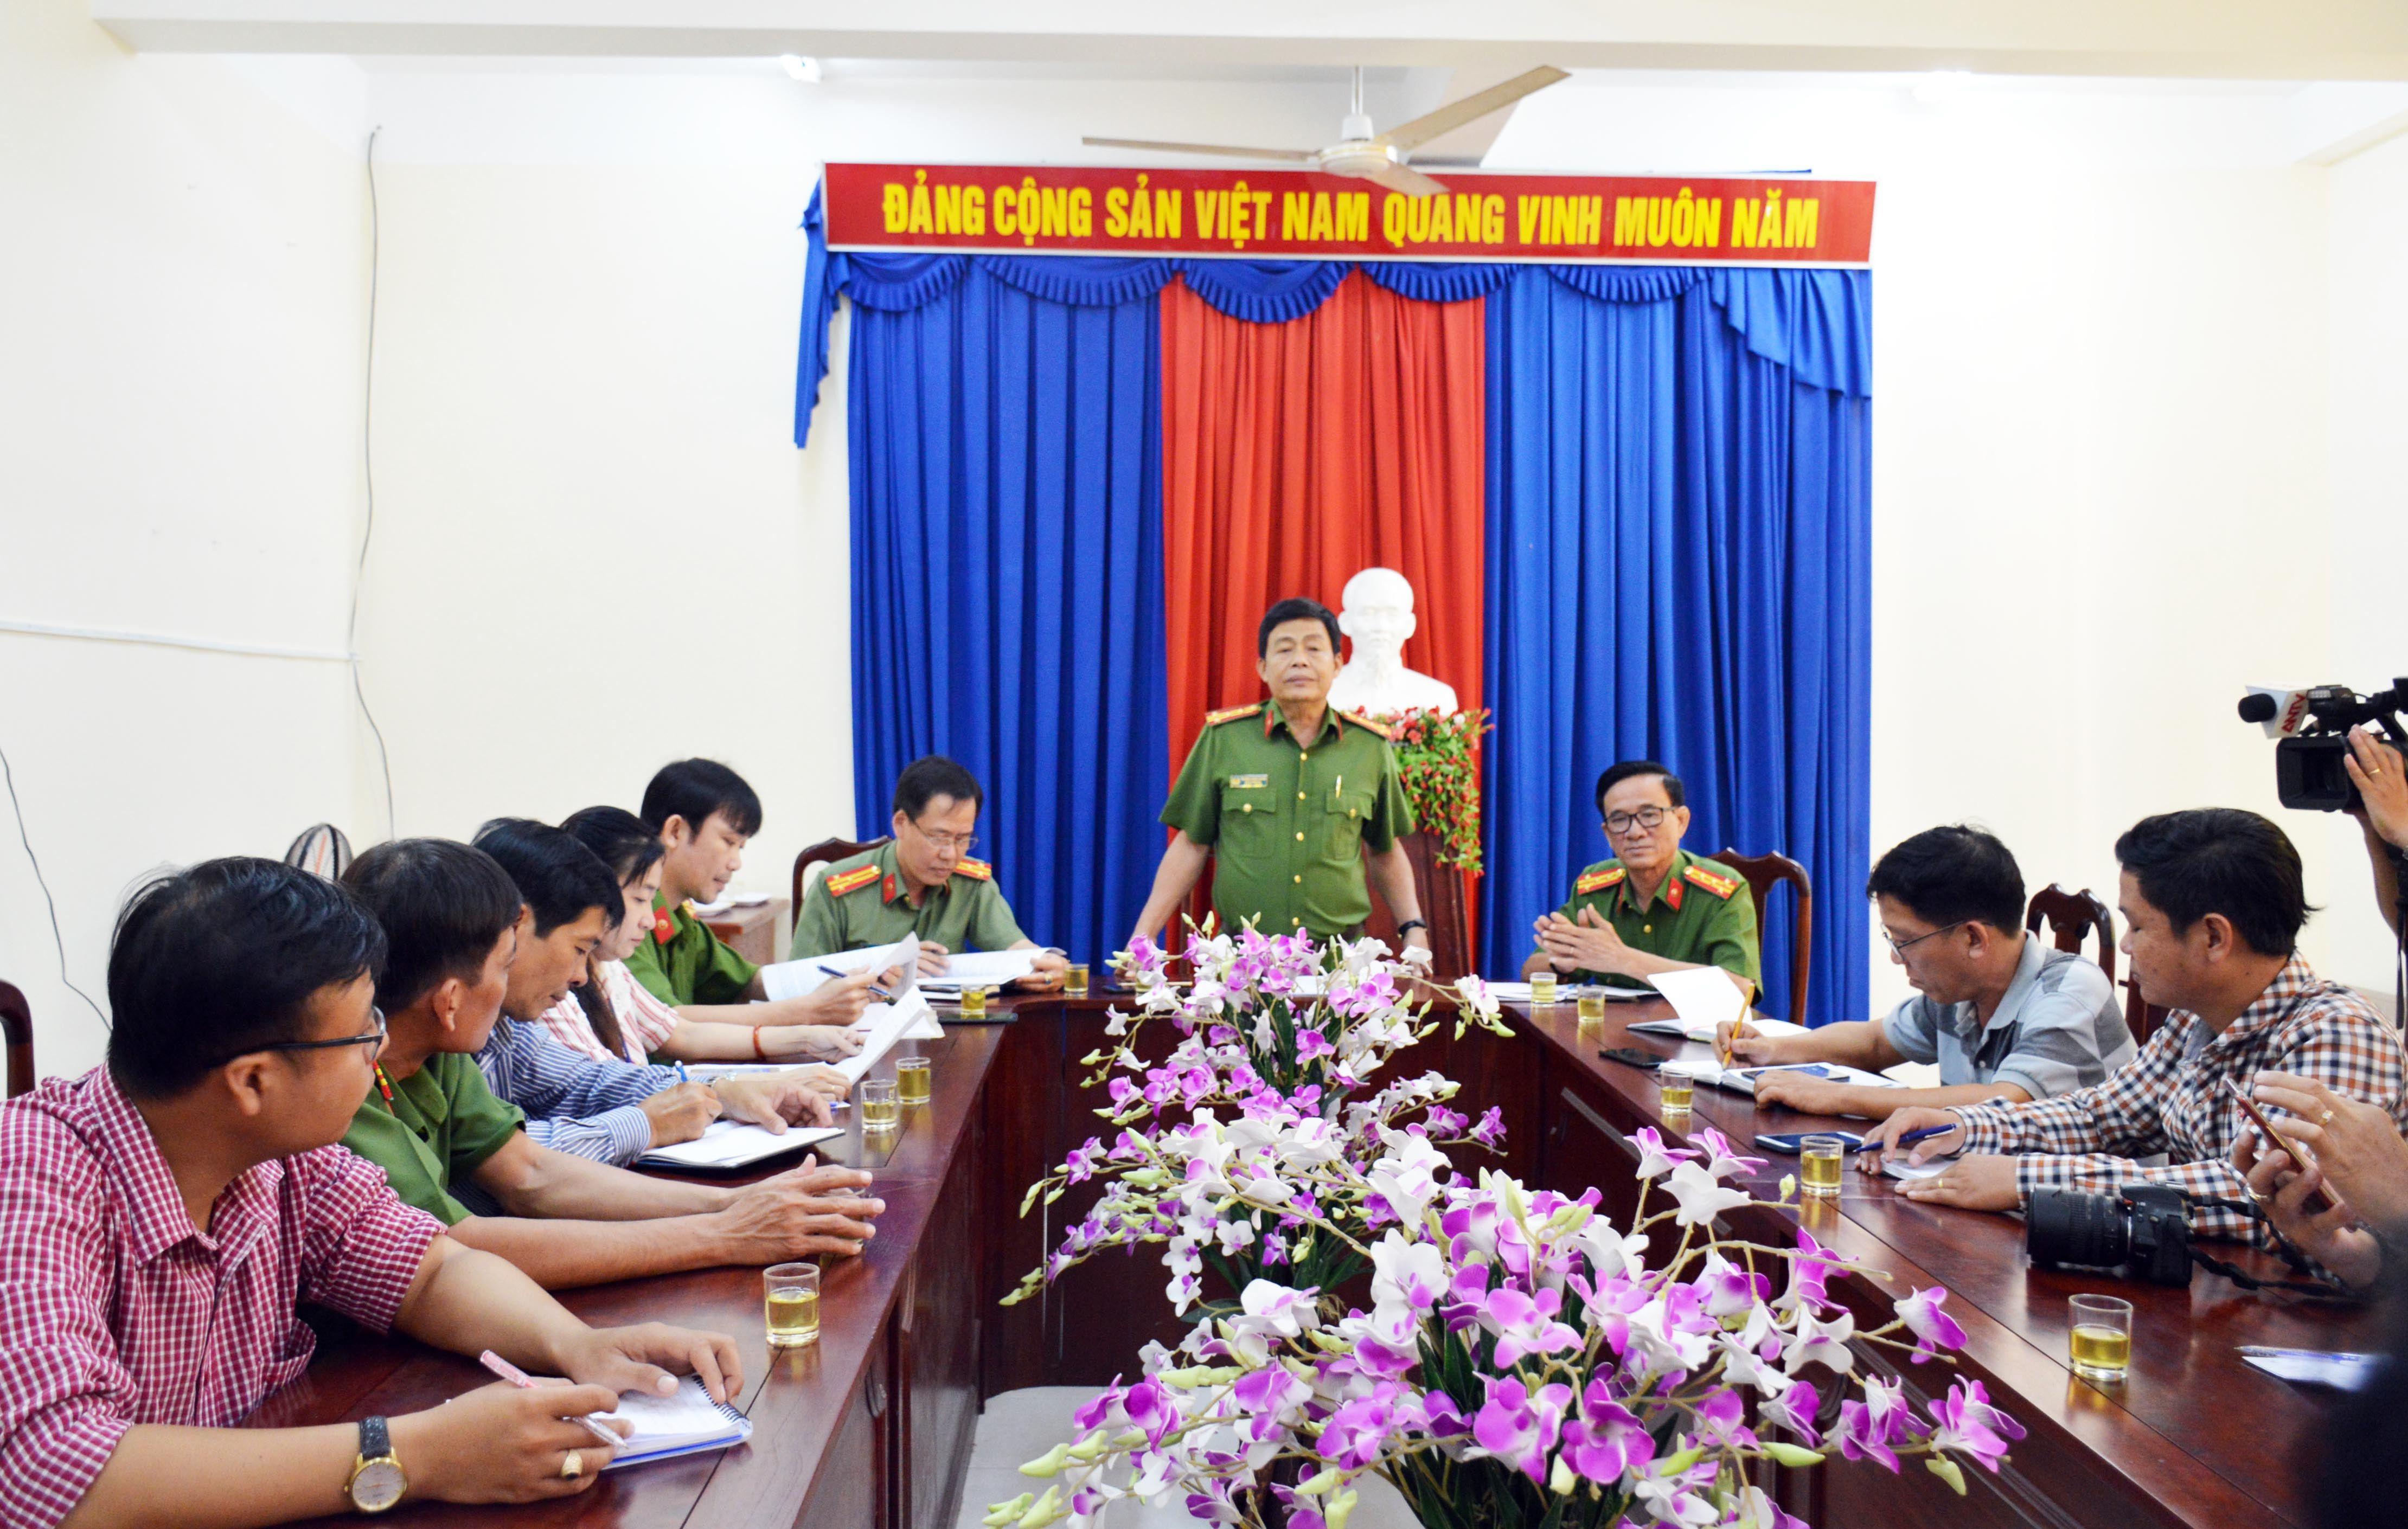 Công an Cà Mau thông tin vụ bắt nghi can 'đang kiện chủ tịch tỉnh' Ảnh 1